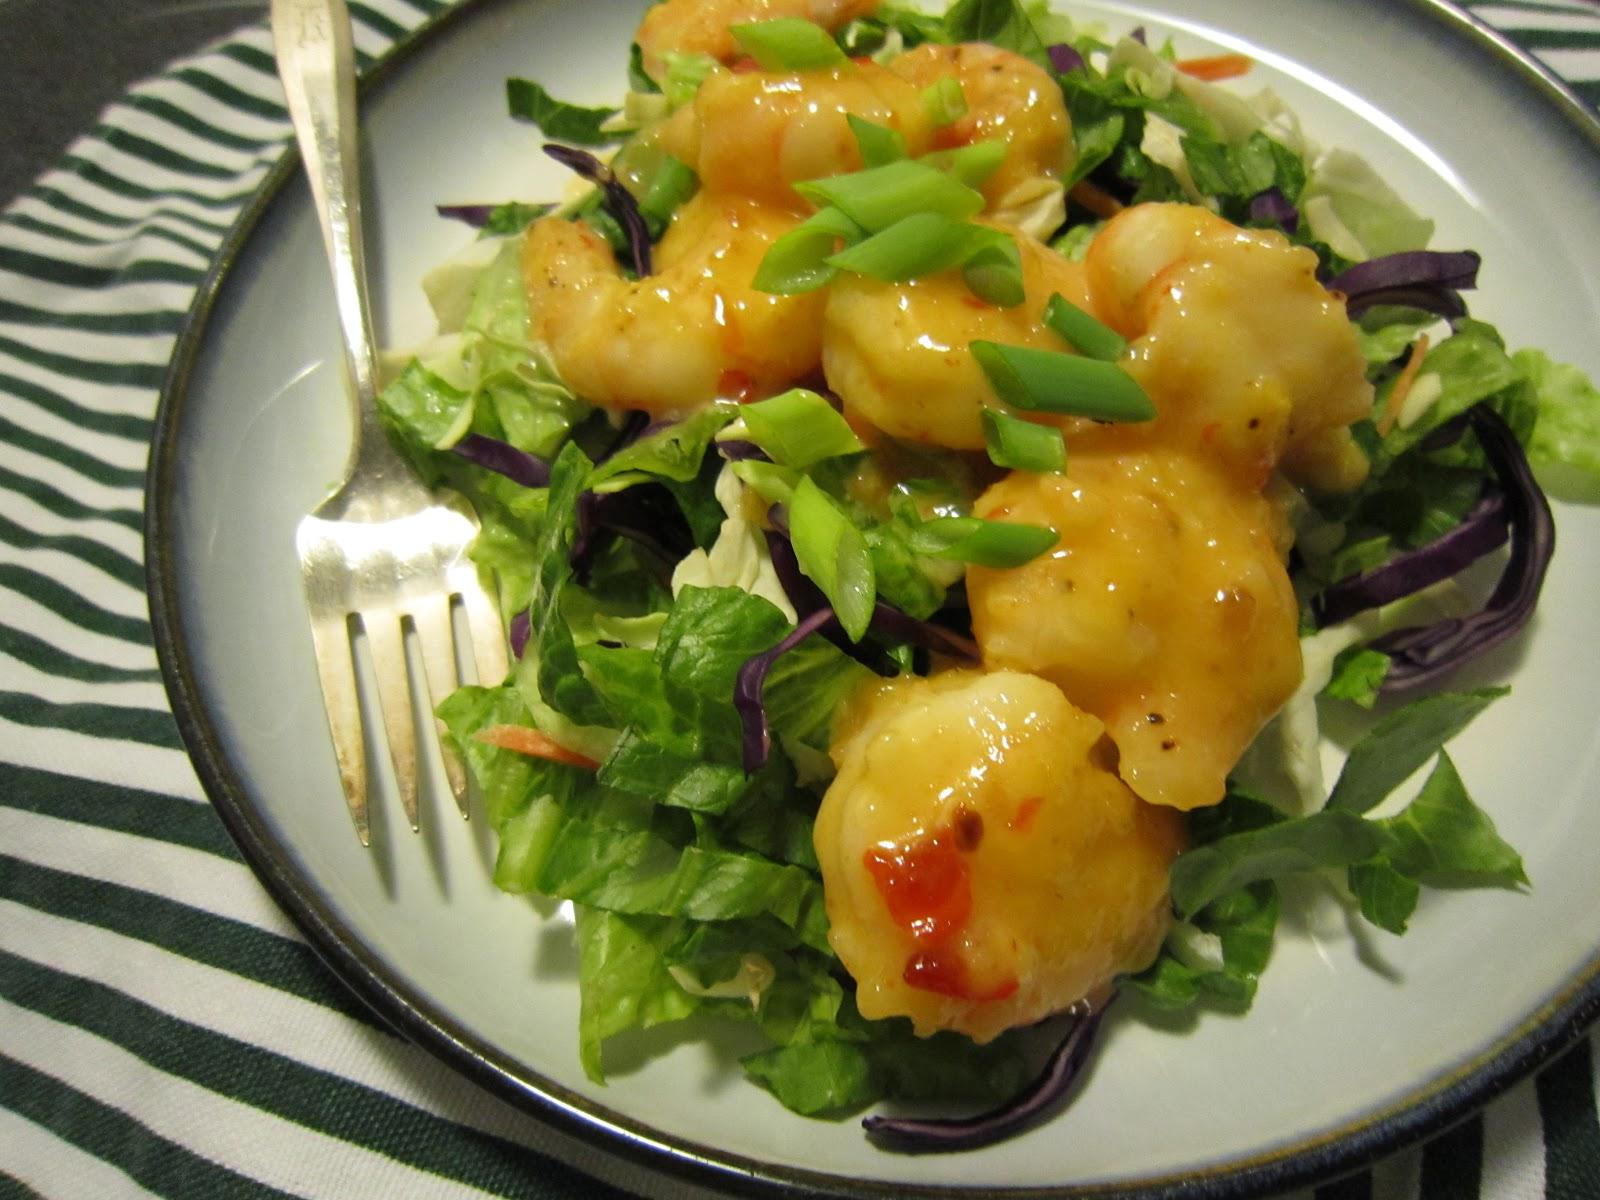 Frugal In Florida: Bangin Good Shrimp